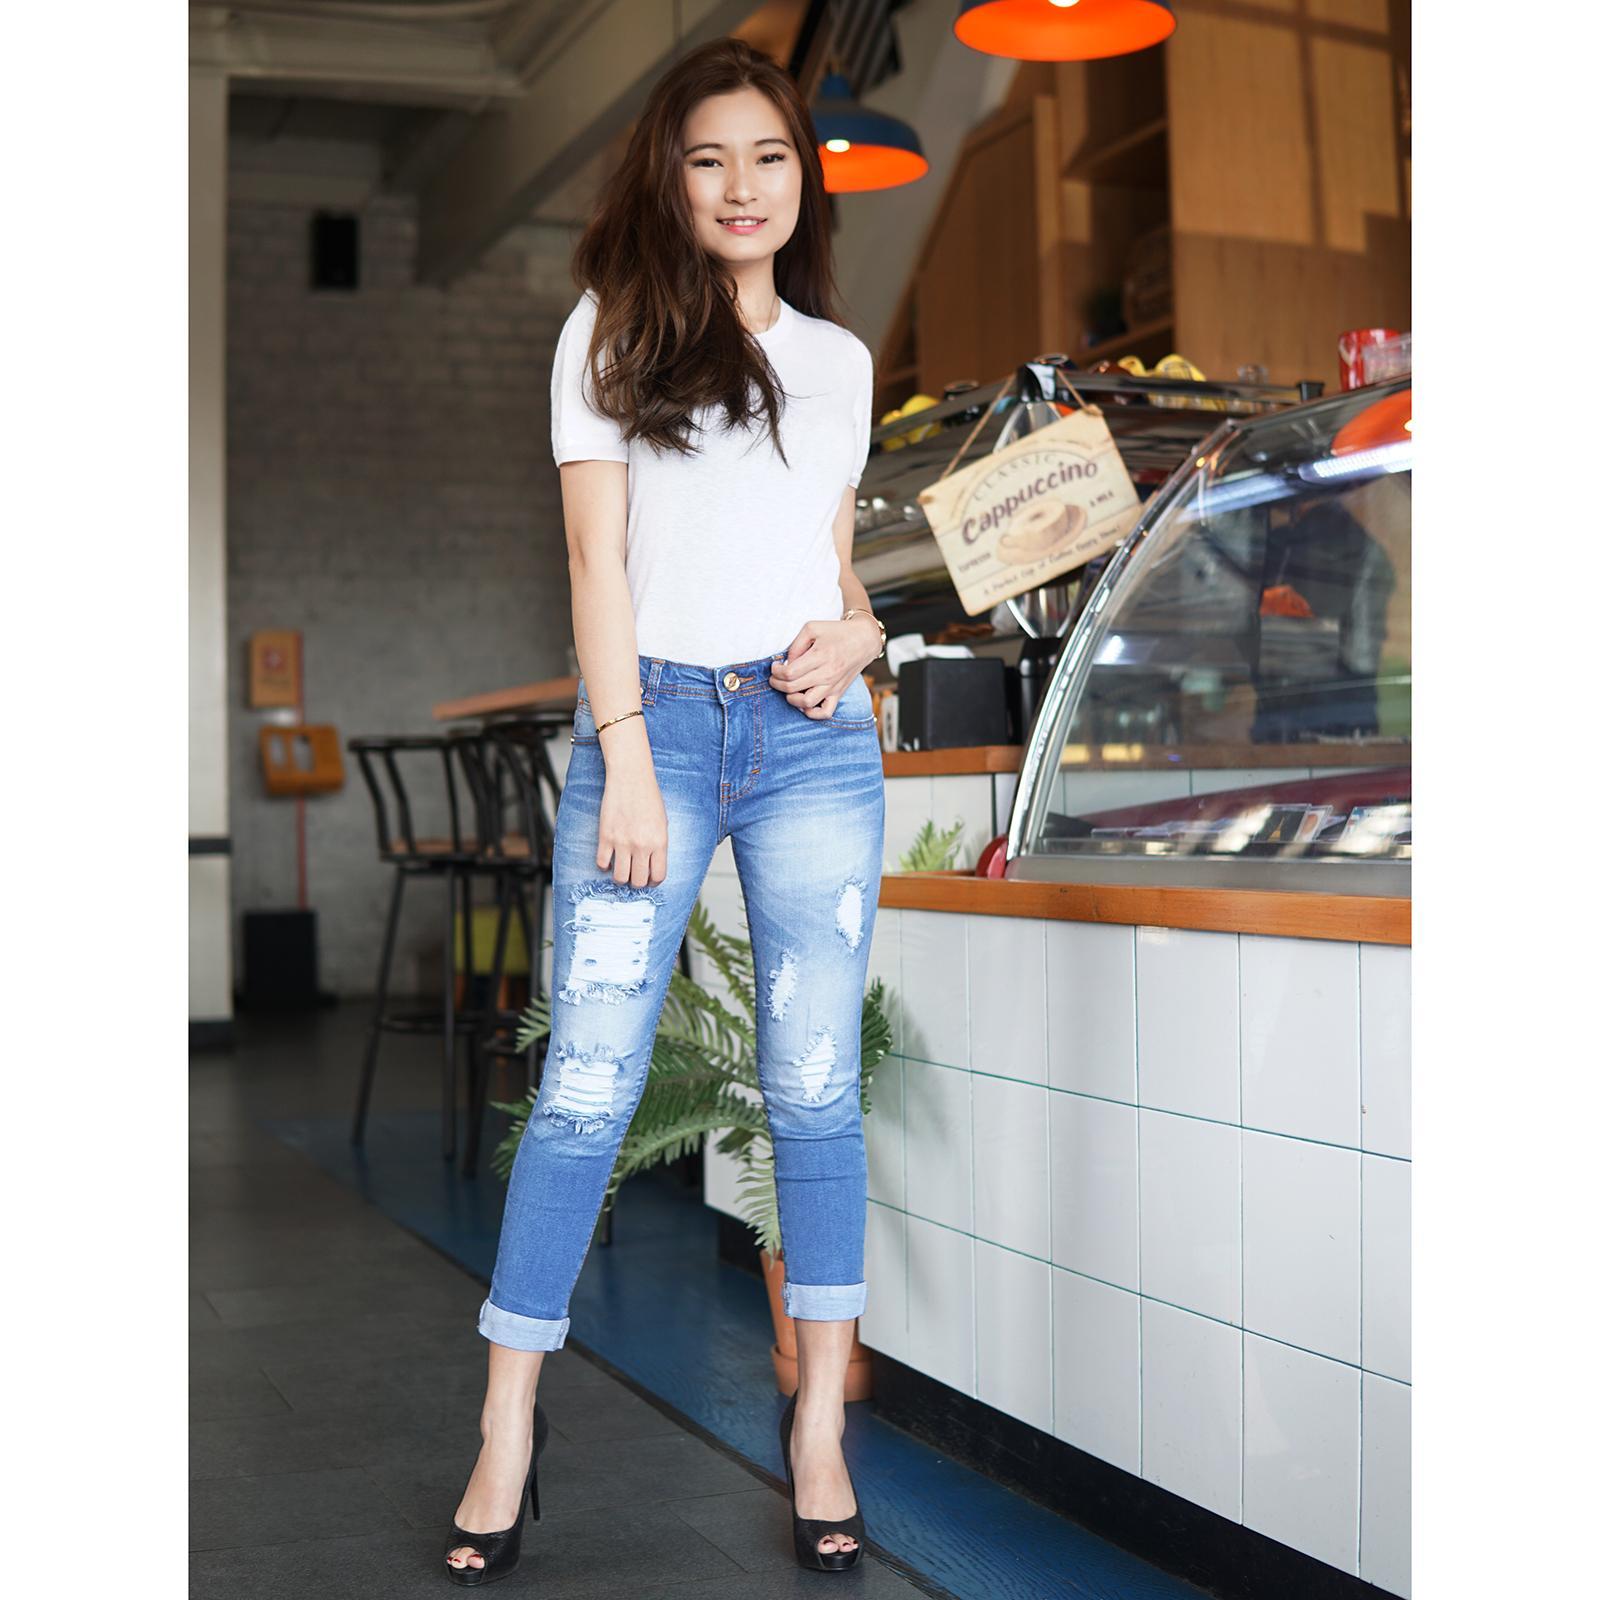 Fitur Rumah Jeans Celana Jumbo Wanita 7per9 4848 Skinny Big Size Ripped Sobek Lapis 793